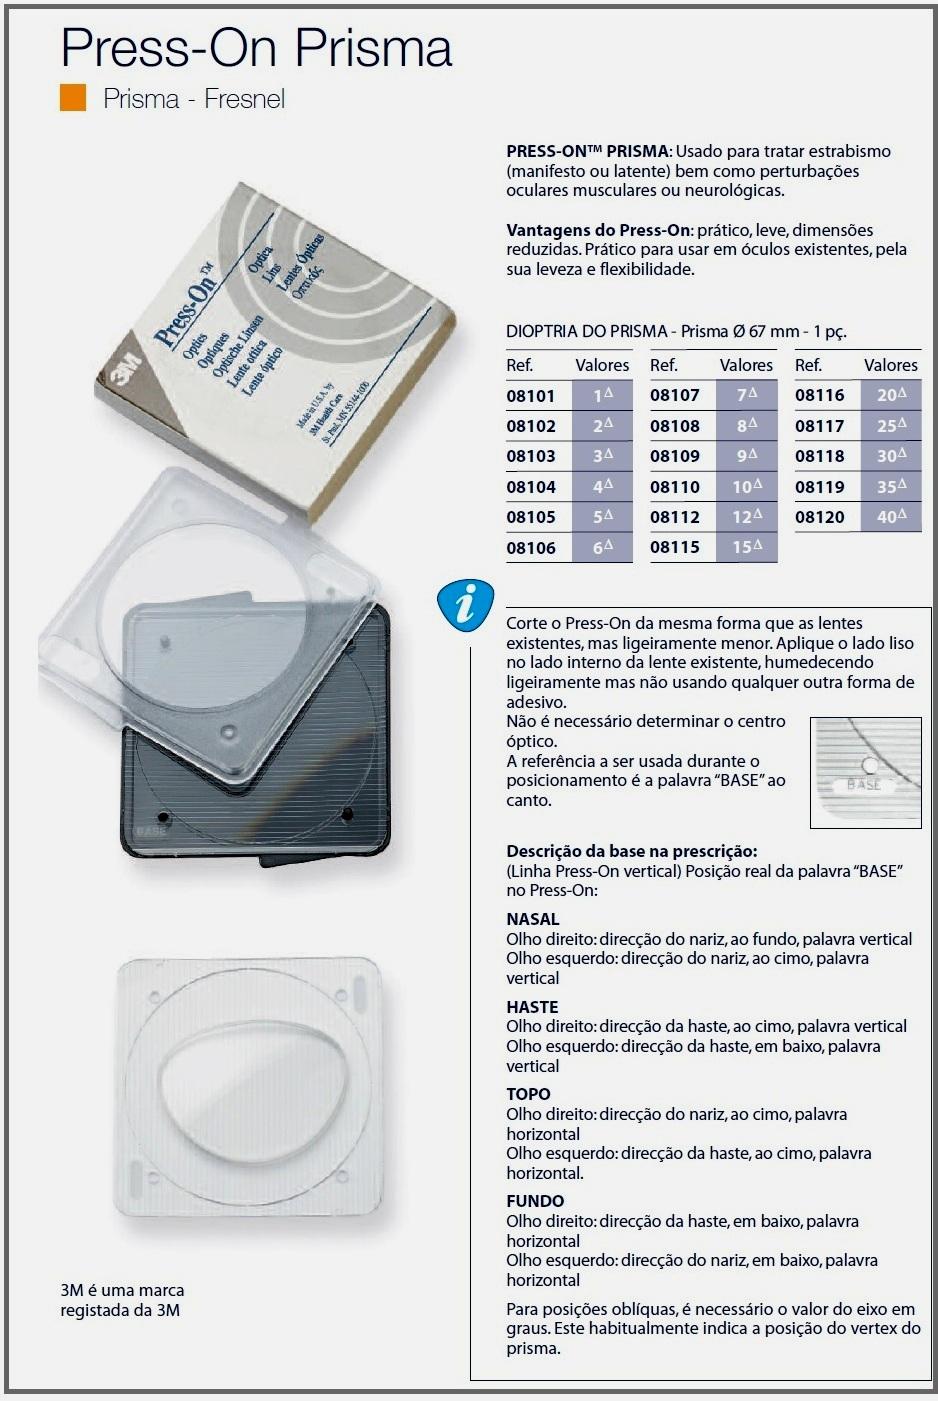 0208104 - CorreçãoVisual 02 Press-On Prisma 4 Mod 8104 FLAG O  -Contém 1 Peça